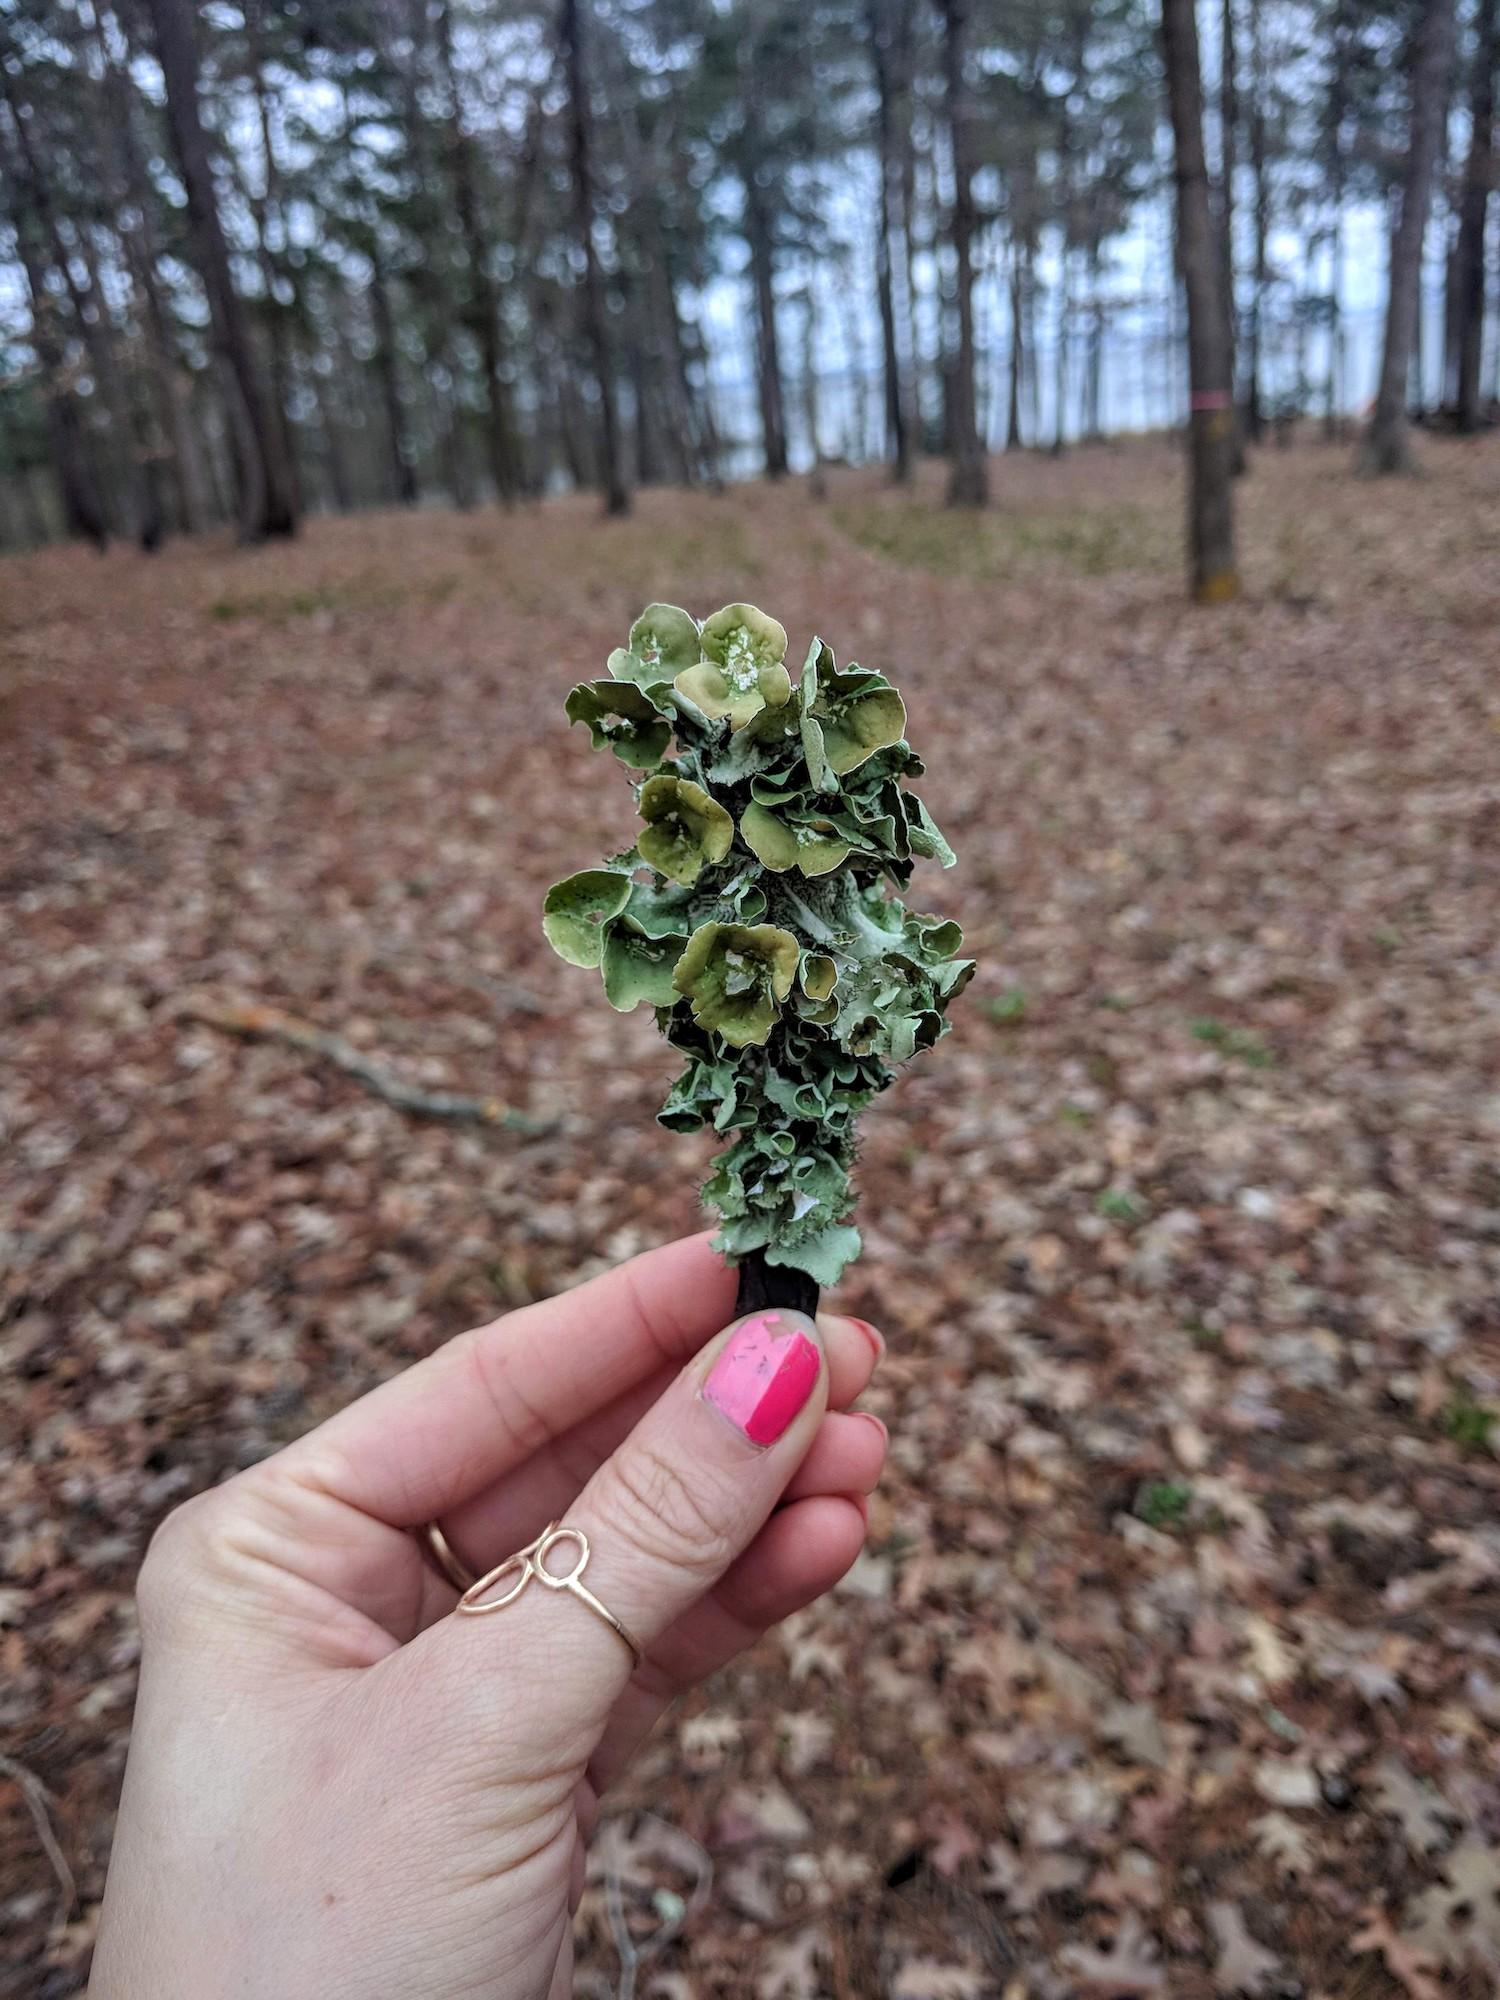 A lichen bouquet